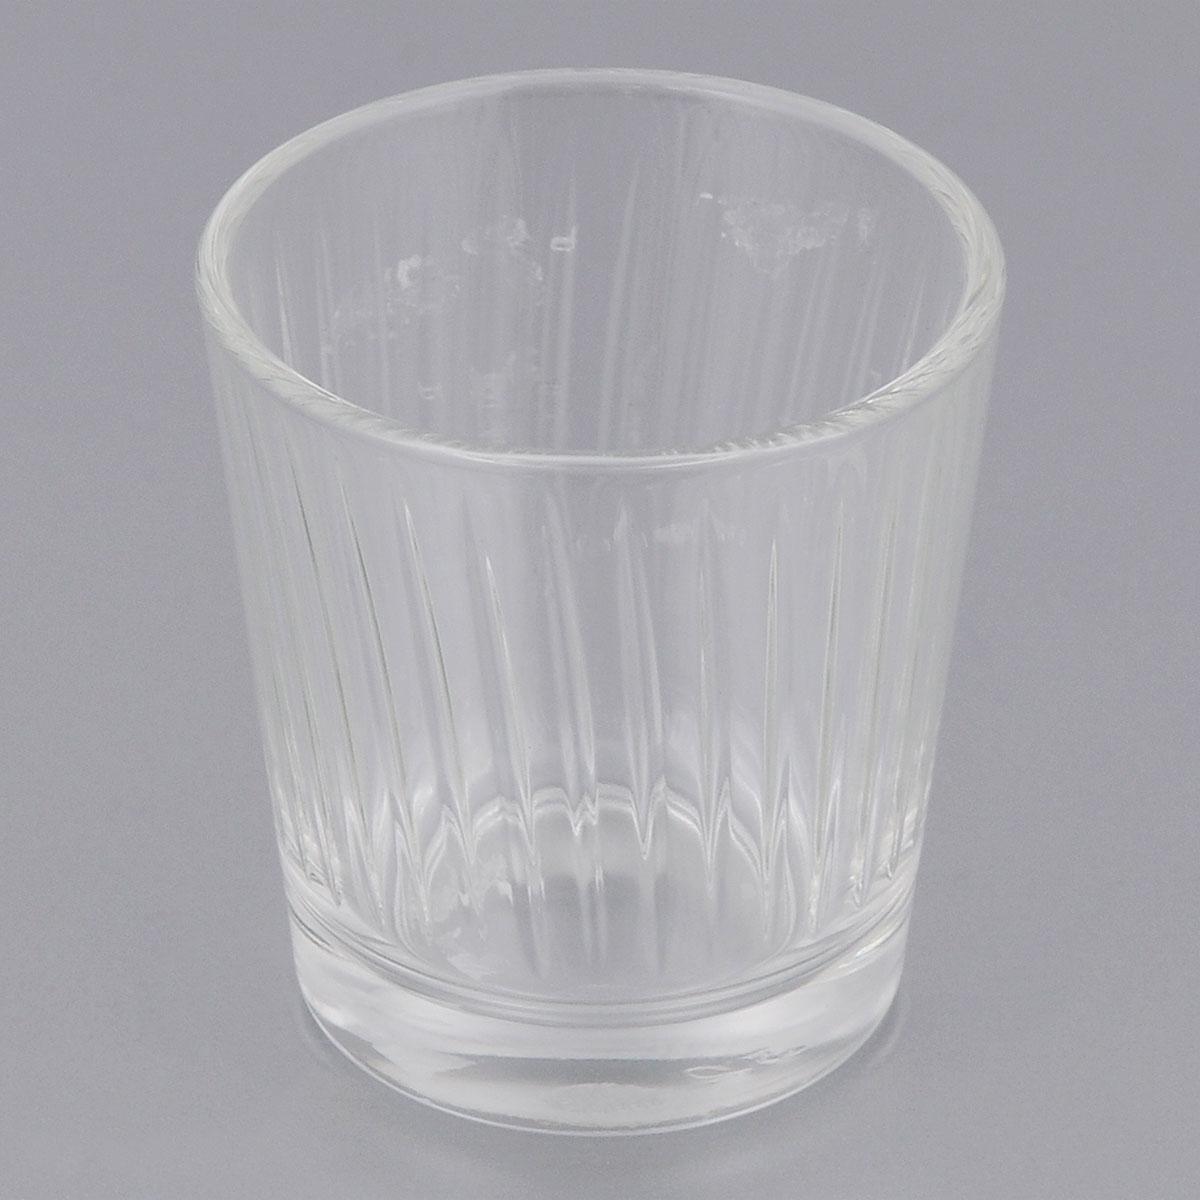 Стопка ОСЗ Тропик, 50 мл05С1266Стопка ОСЗ Тропик, выполненная из прочного стекла, прекрасно подойдет для крепких спиртных напитков. Она ярко дополнит сервировку стола и порадует вас практичностью и оригинальным дизайном. Диаметр стопки: 5 см. Высота стопки: 5,5 см.